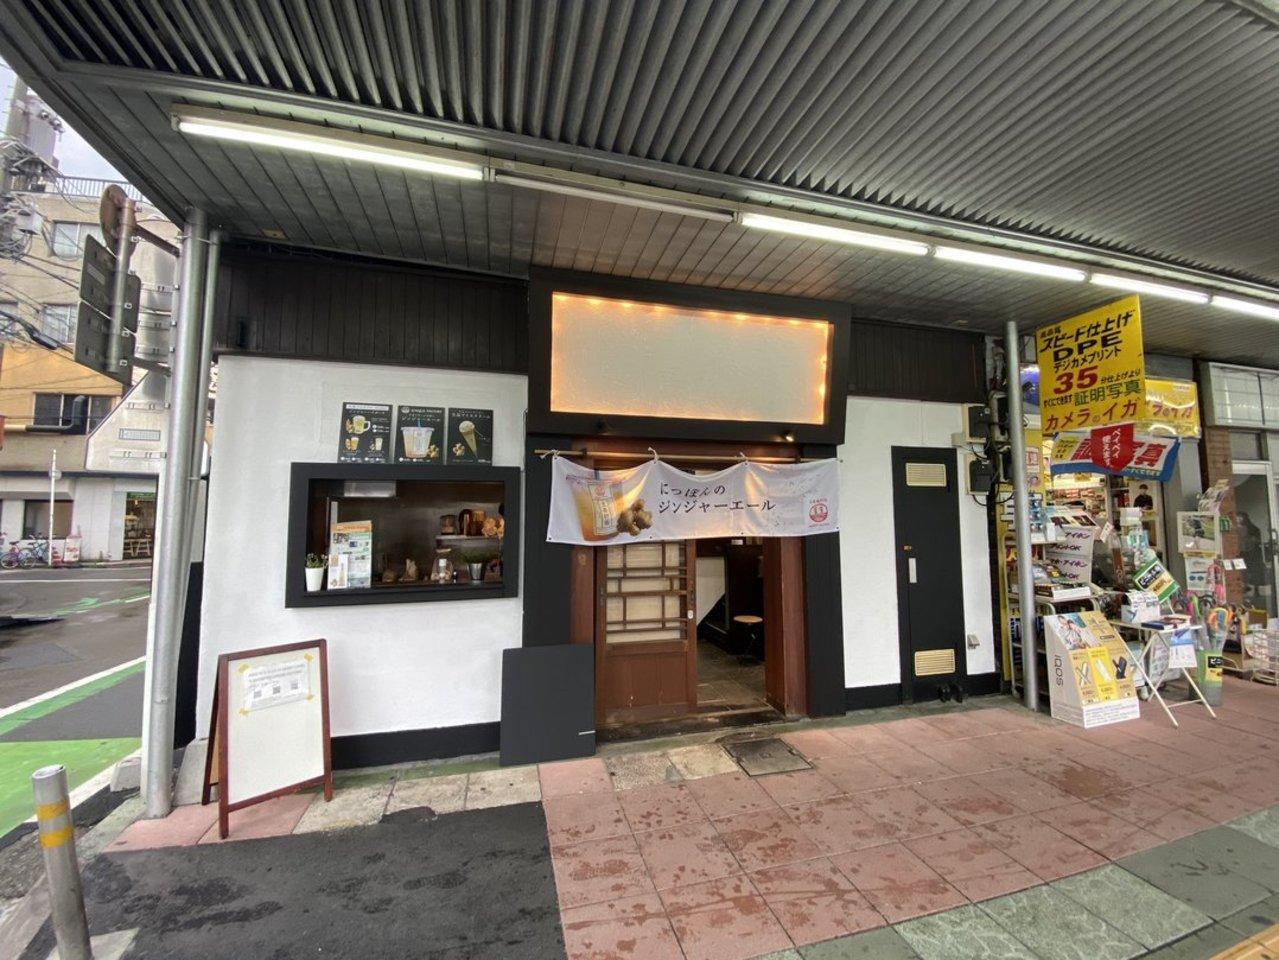 埼玉県蕨市中央1丁目に「ジンジャーファクトリー蕨駅前店」が本日プレオープンのようです。